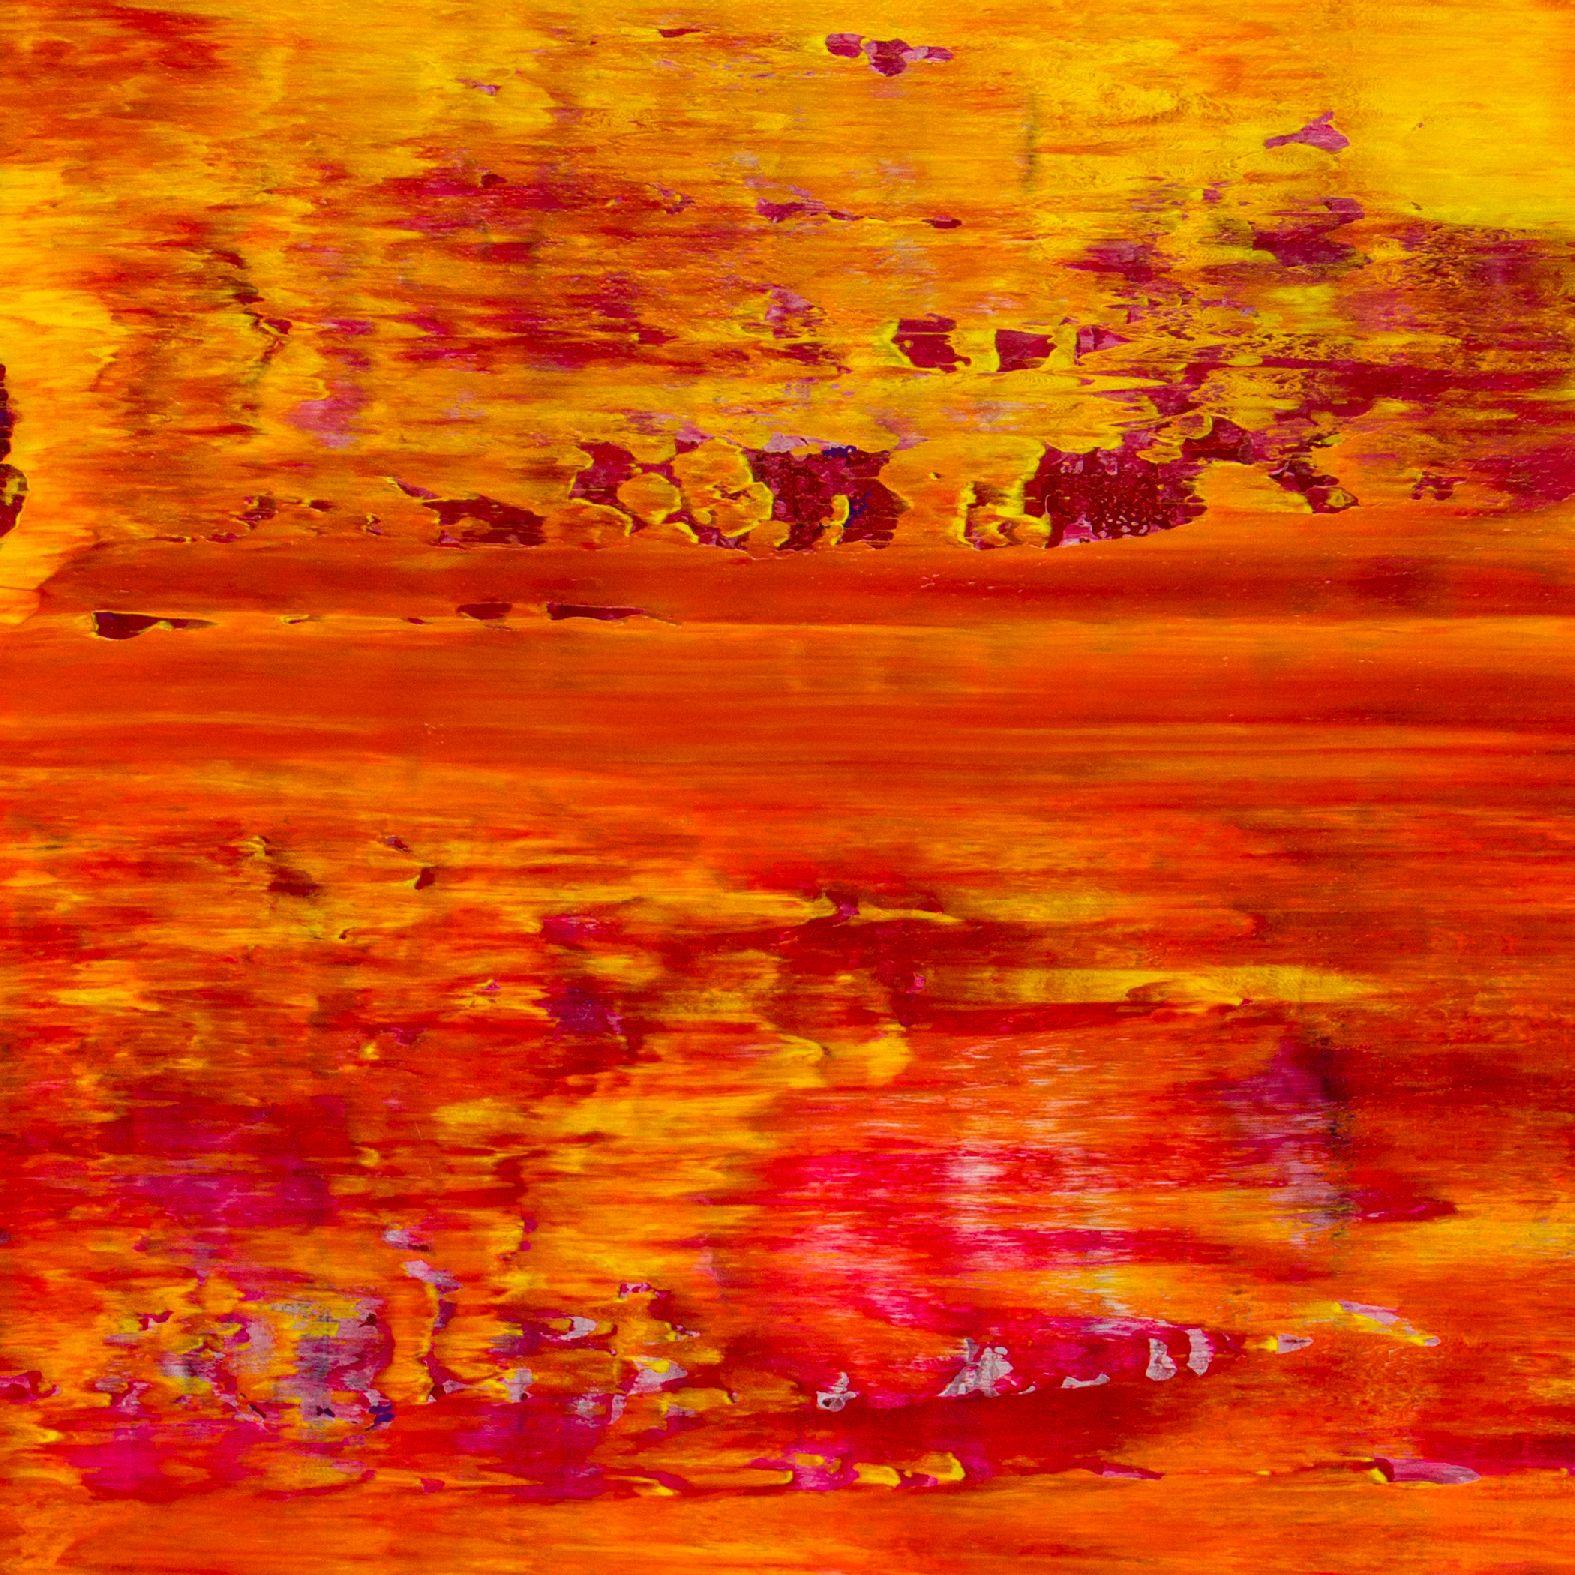 Detail - Fiery Dimensions 4 (2020) by Nestor Toro